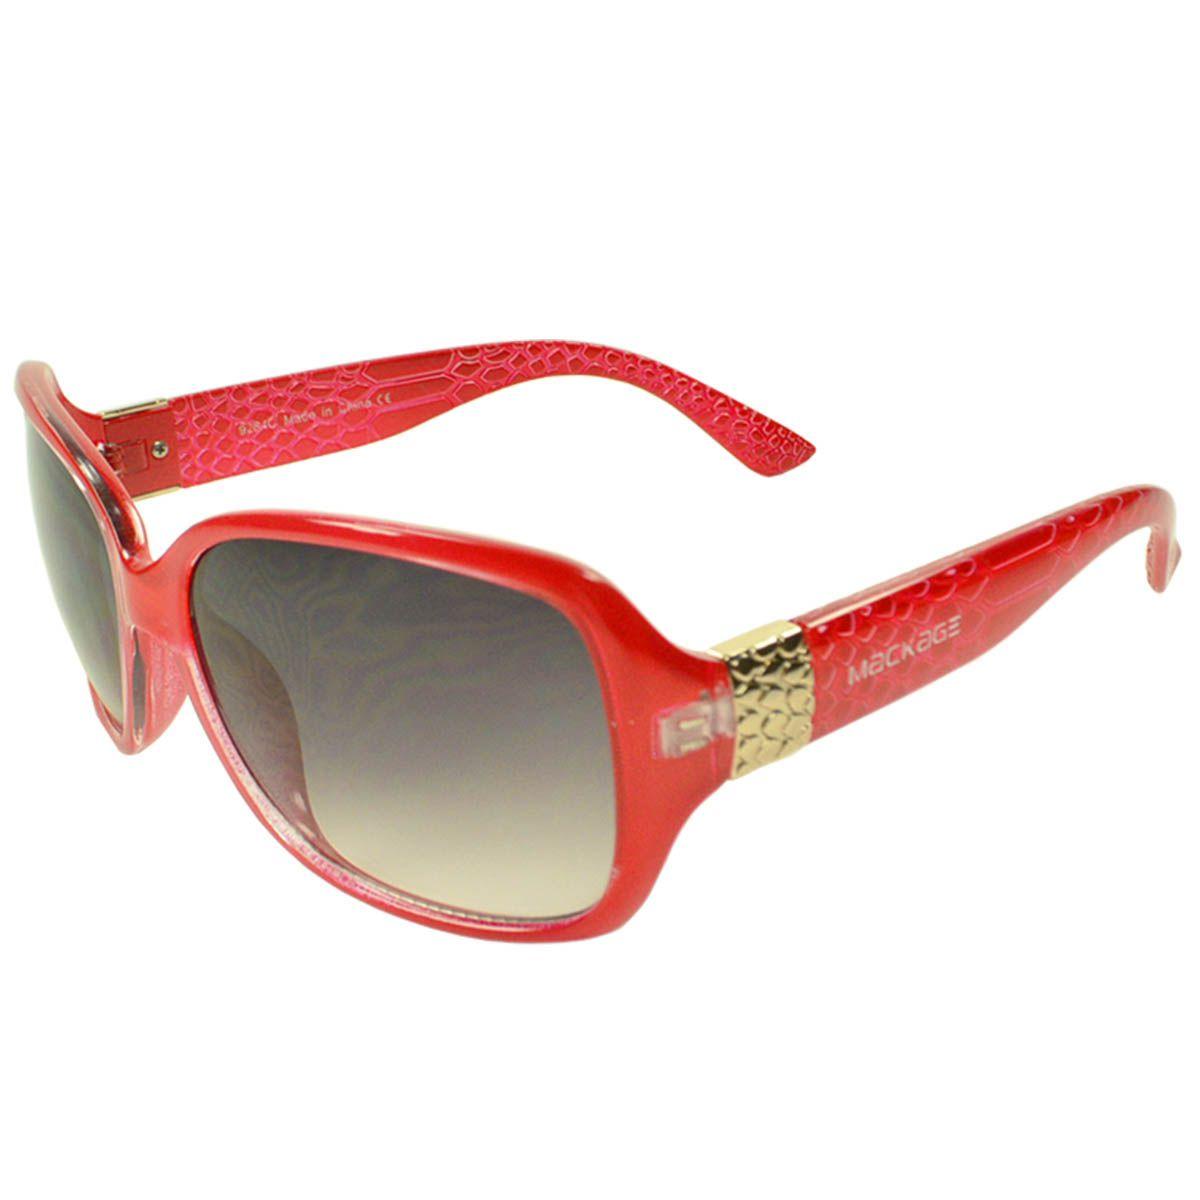 Óculos de sol MACKAGE BRASIL   Comprar Óculos de Sol Online é Aqui ... 61f336eb8a